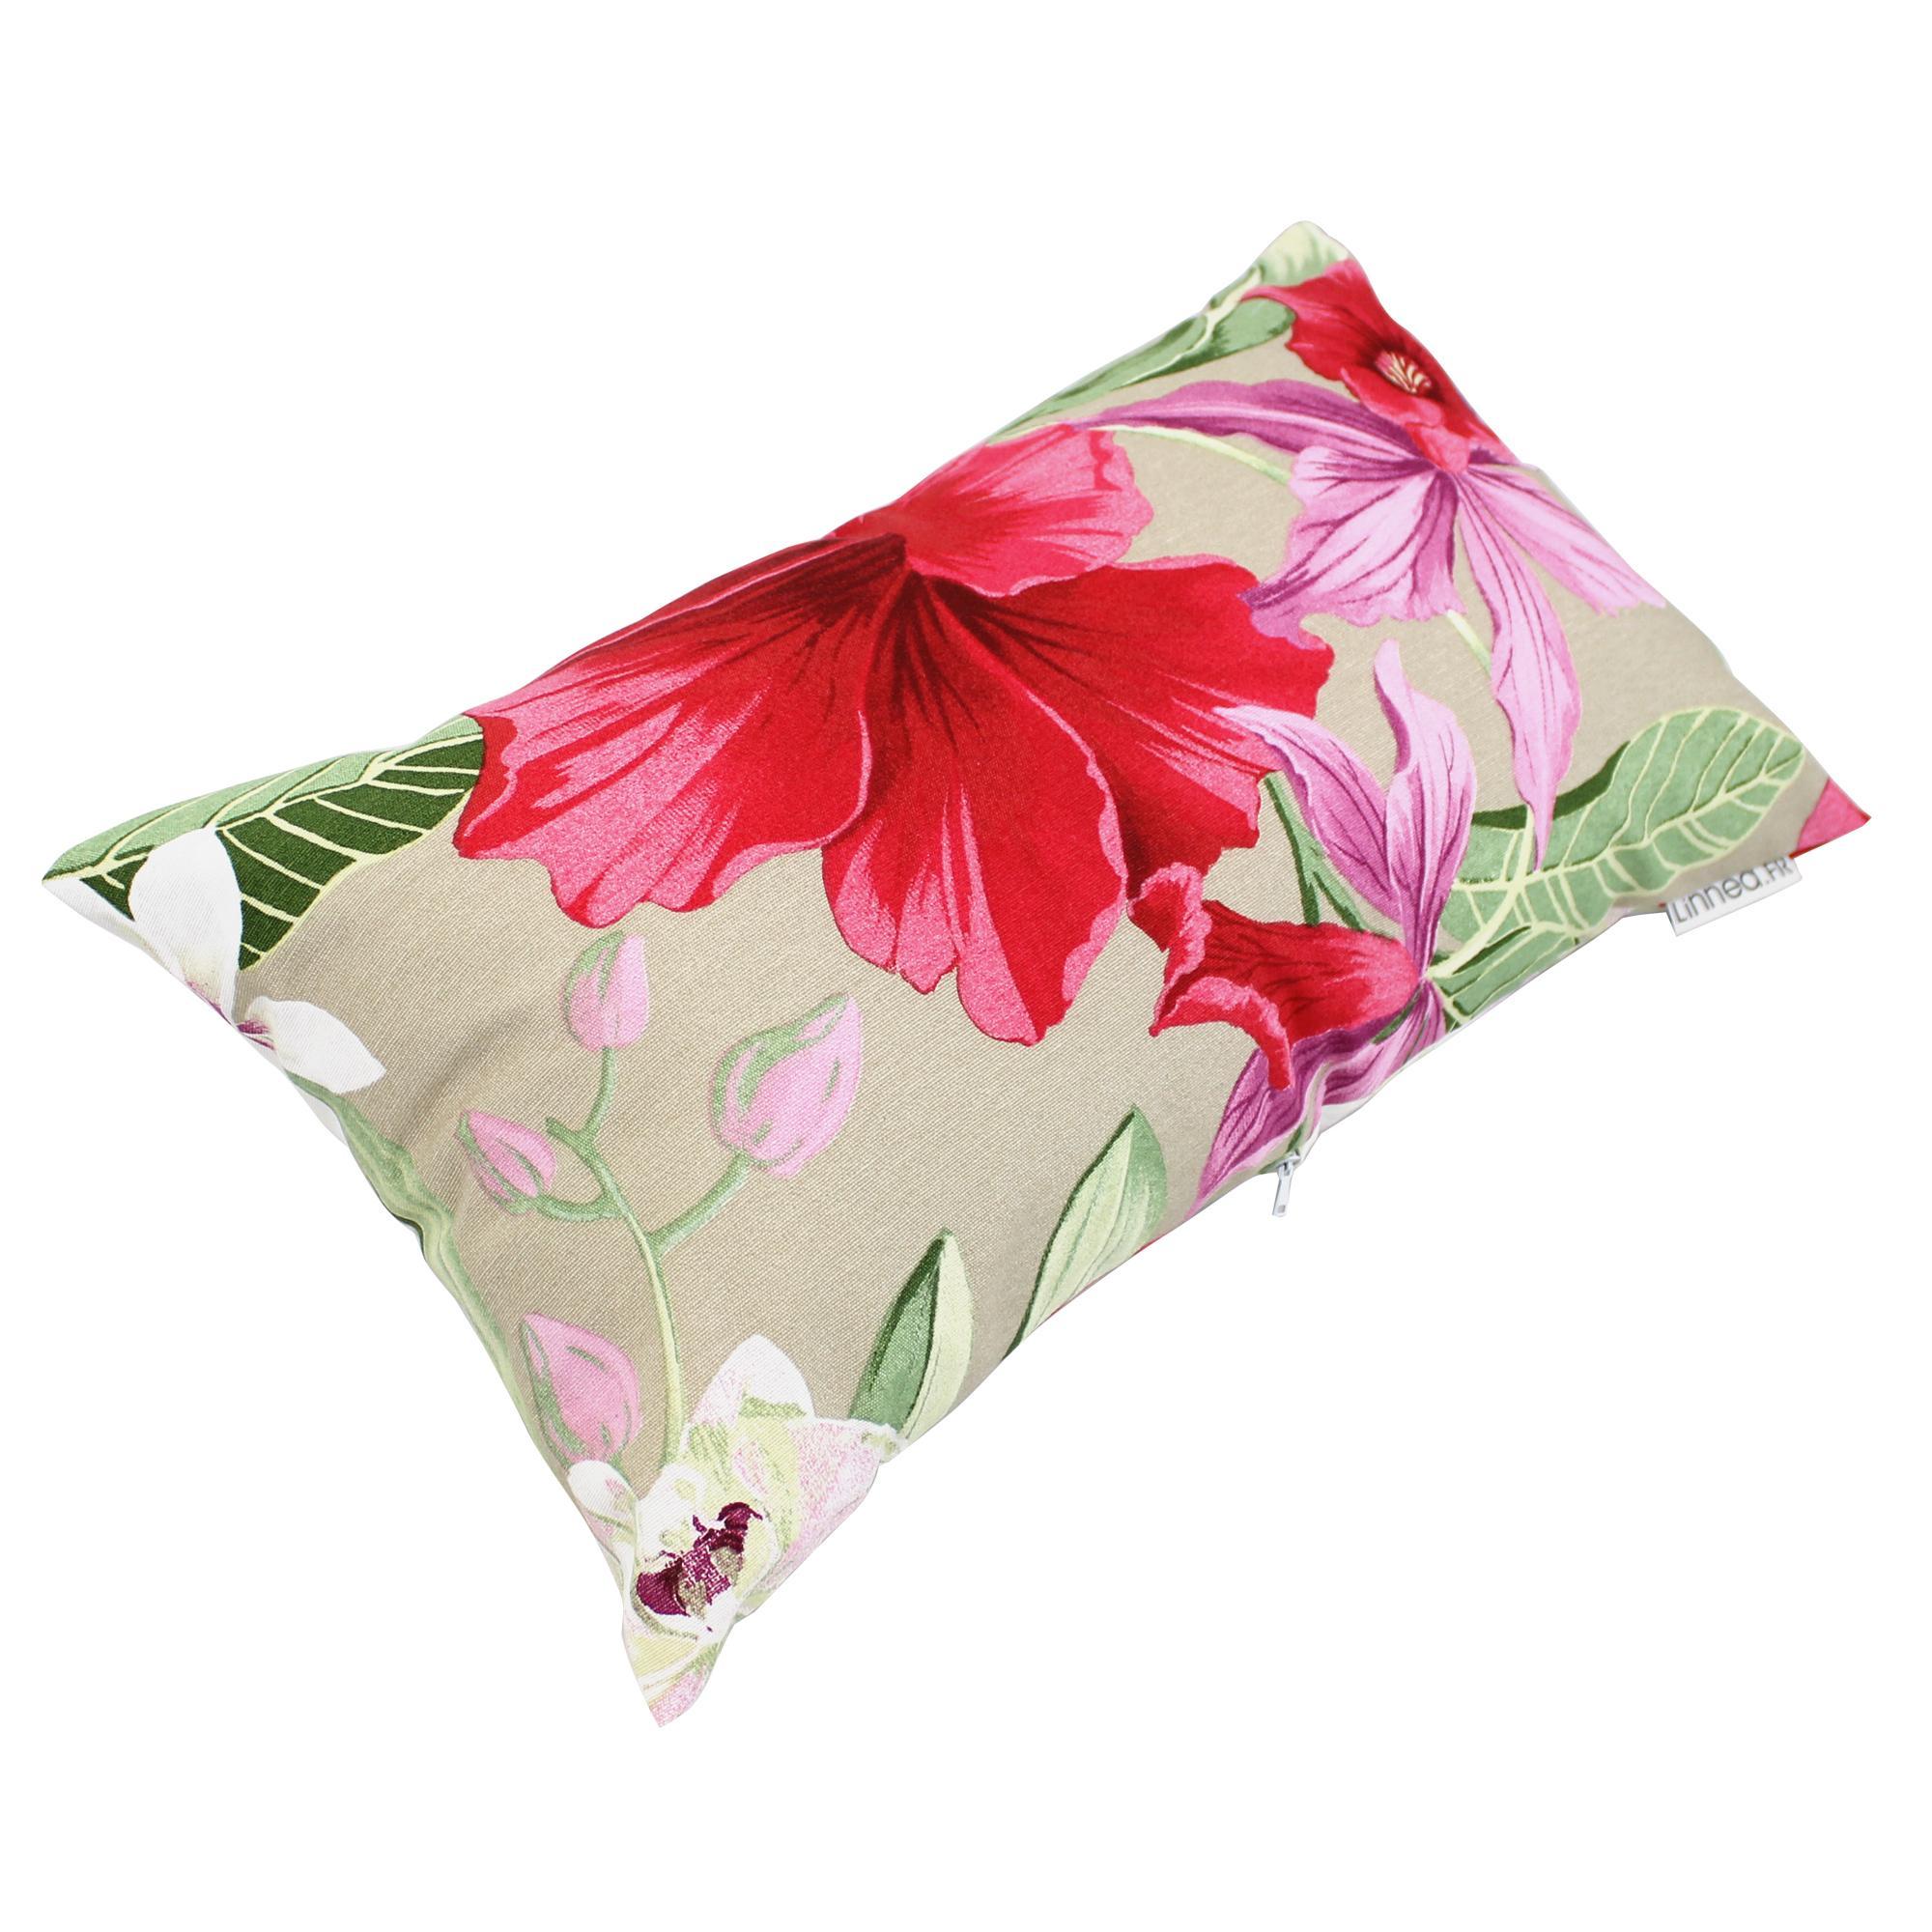 housse de coussin 30x50 cm carita rose de chine polycoton linnea linge de maison et. Black Bedroom Furniture Sets. Home Design Ideas